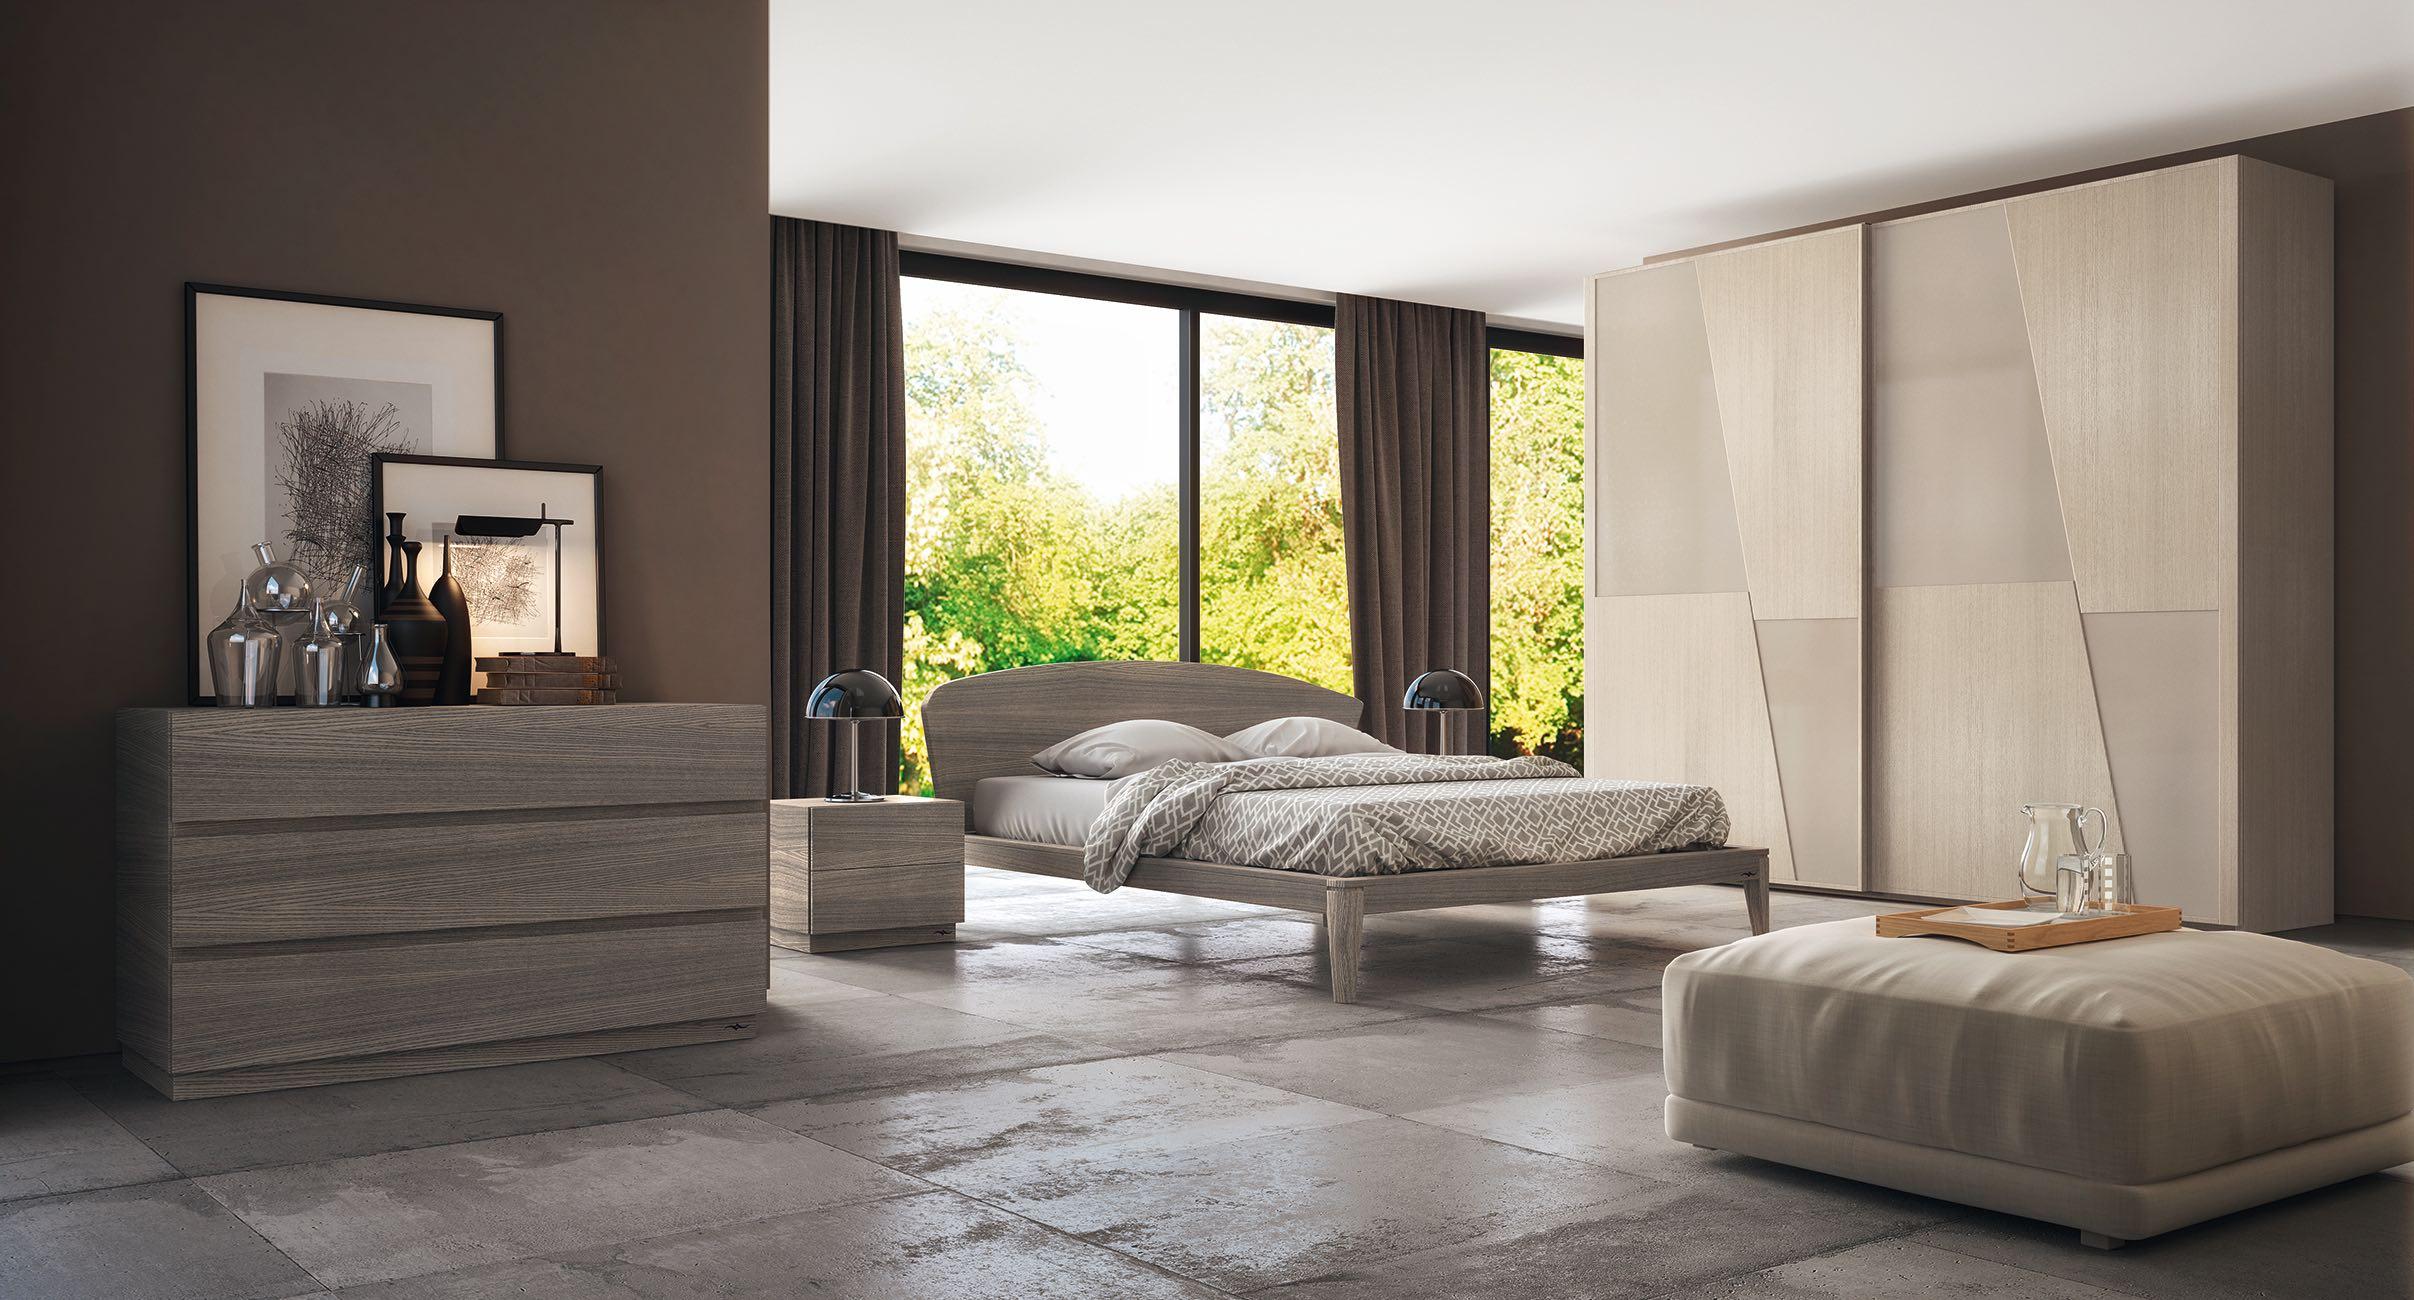 Casa dolce profumo di casa casa di stile - Stanze da letto rustiche ...